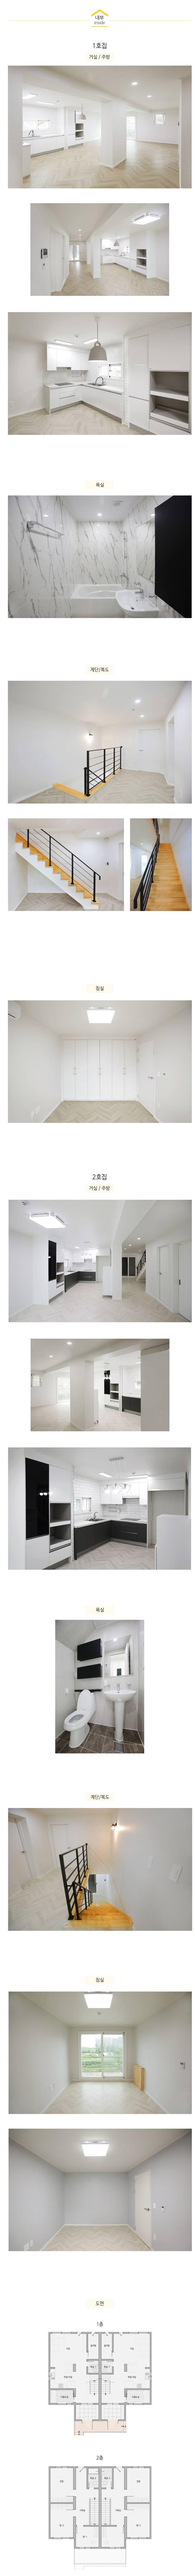 한 지붕 두 가족, 듀플렉스주택_내부: 공간제작소(주)의  방